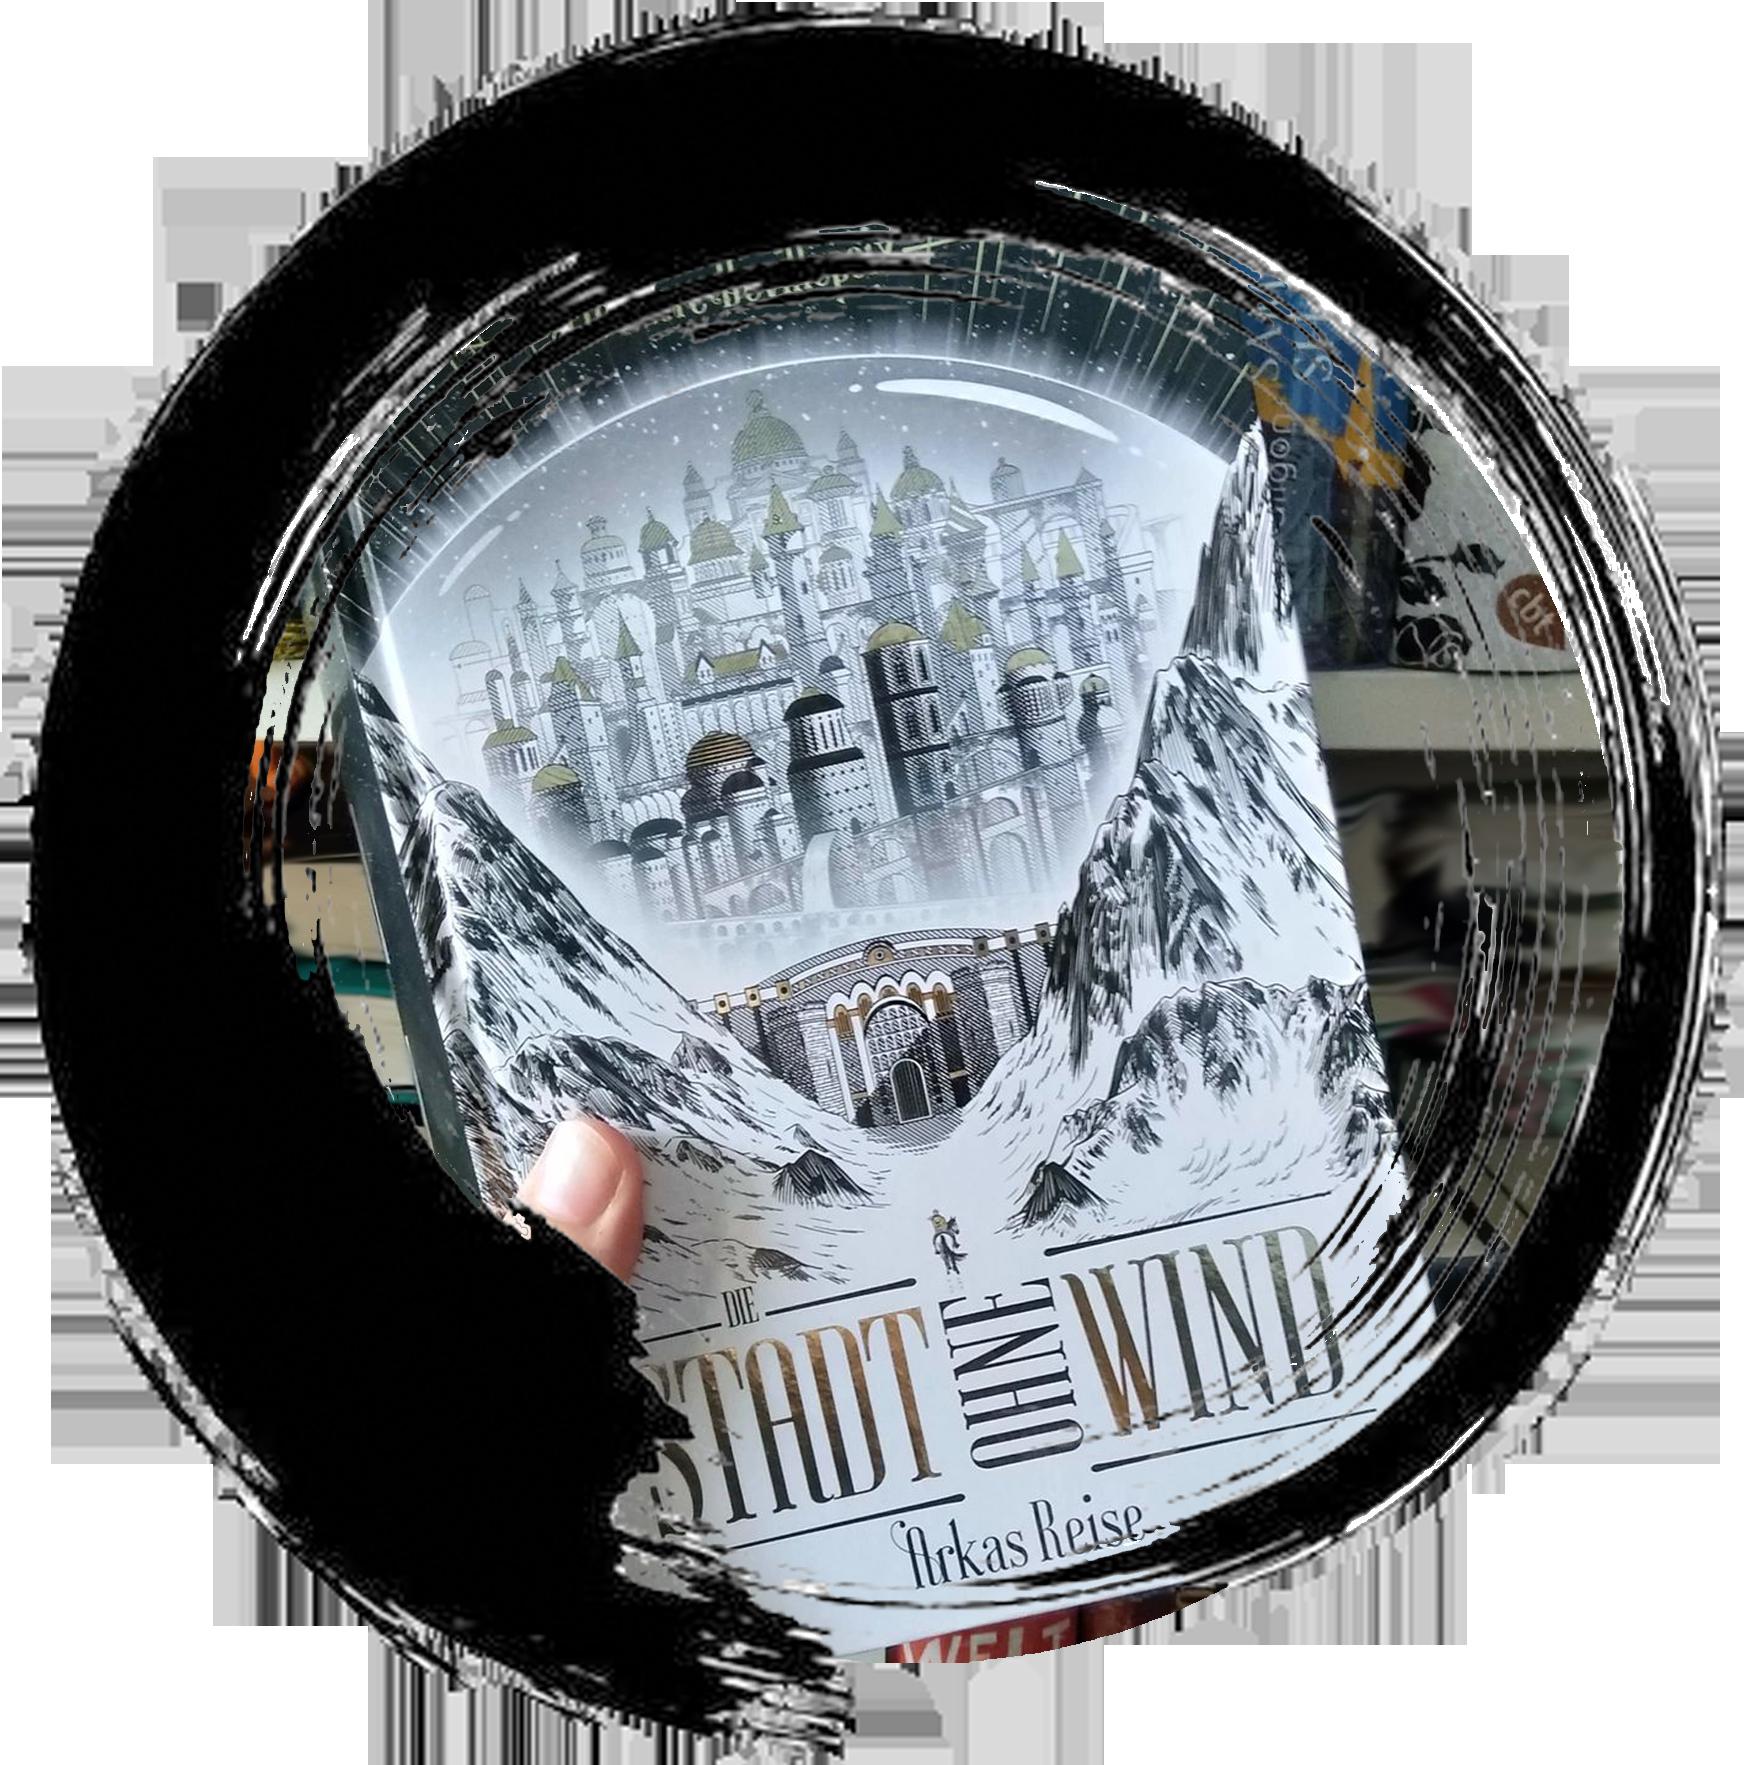 Stadt ohne Wind #1 – Arkas Reise